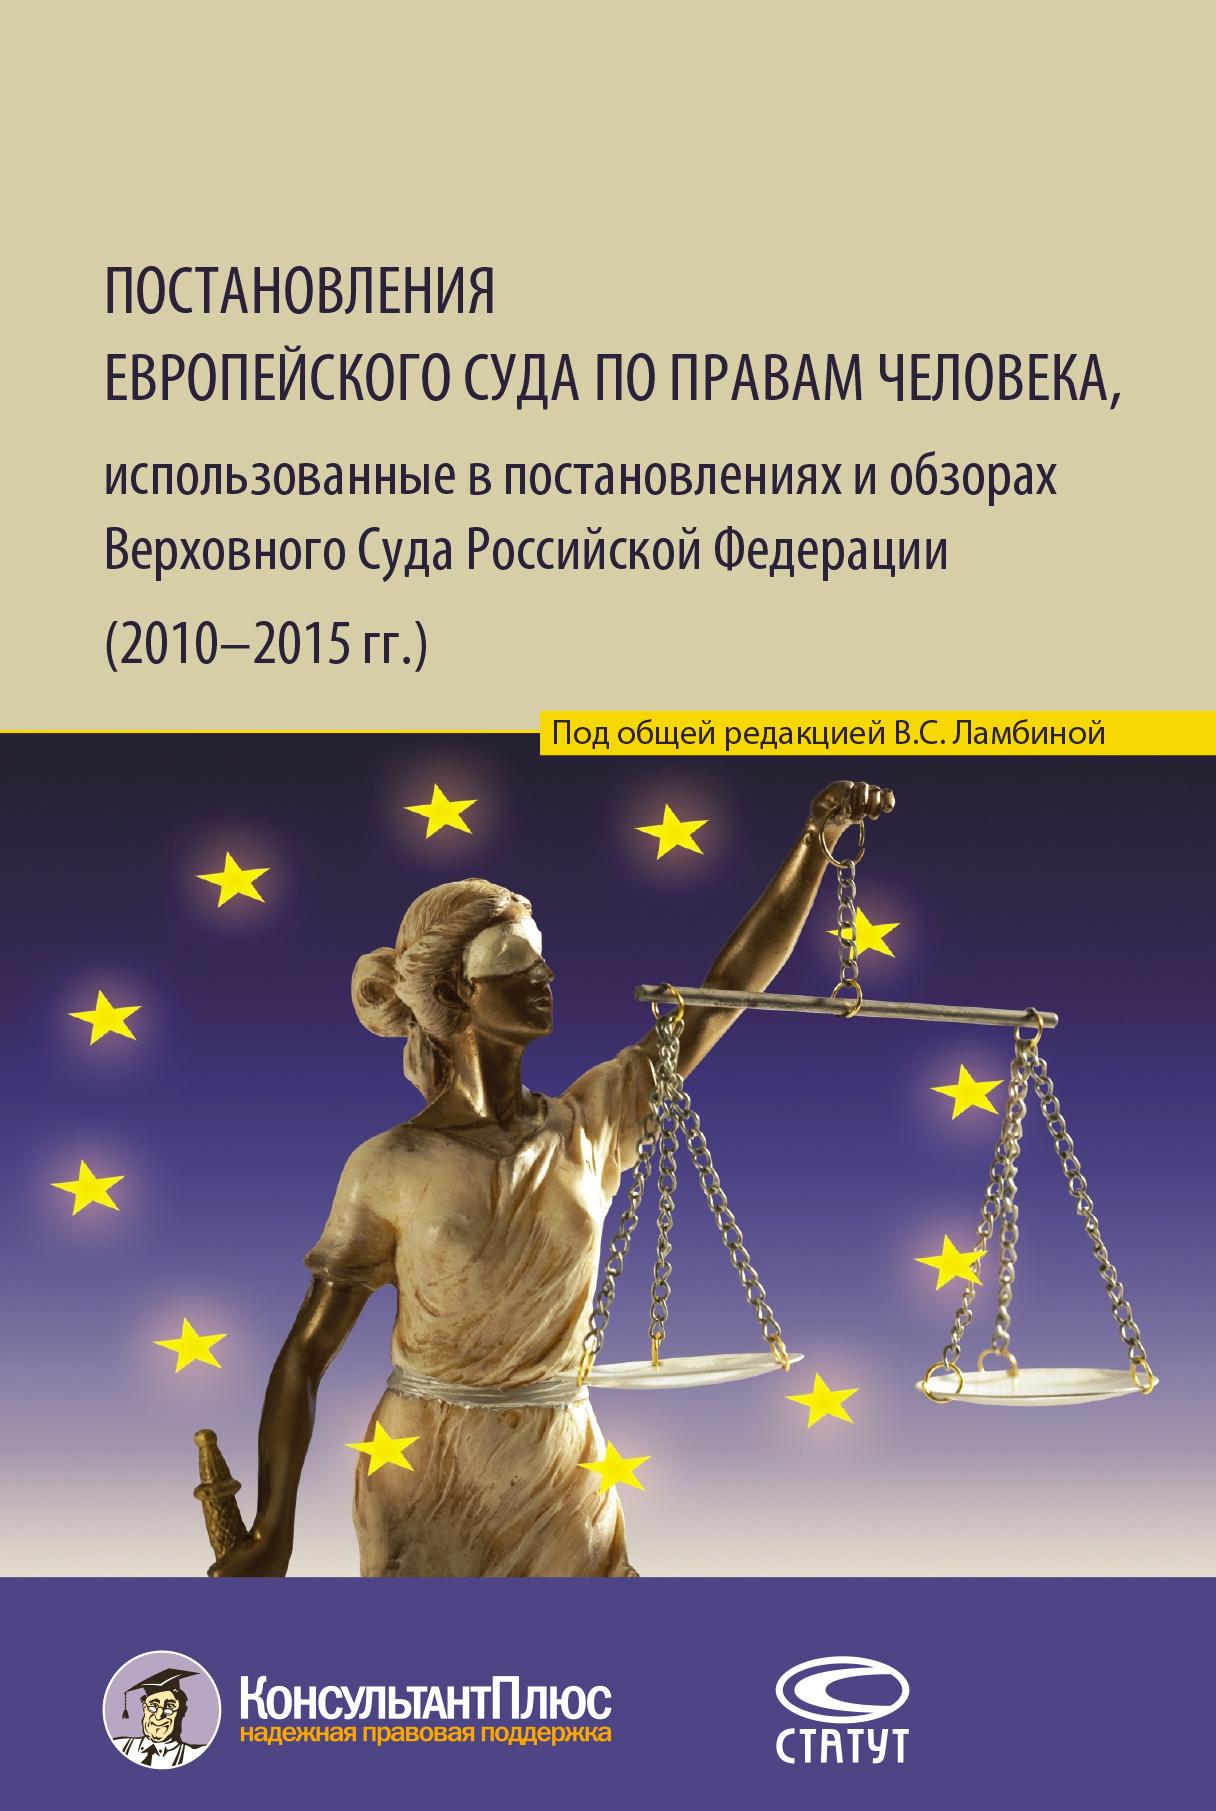 Валерия Ламбина, Ольга Журид - Постановления Европейского Суда по правам человека, использованные в постановлениях и обзорах Верховного Суда Российской Федерации (2010–2015 гг.)